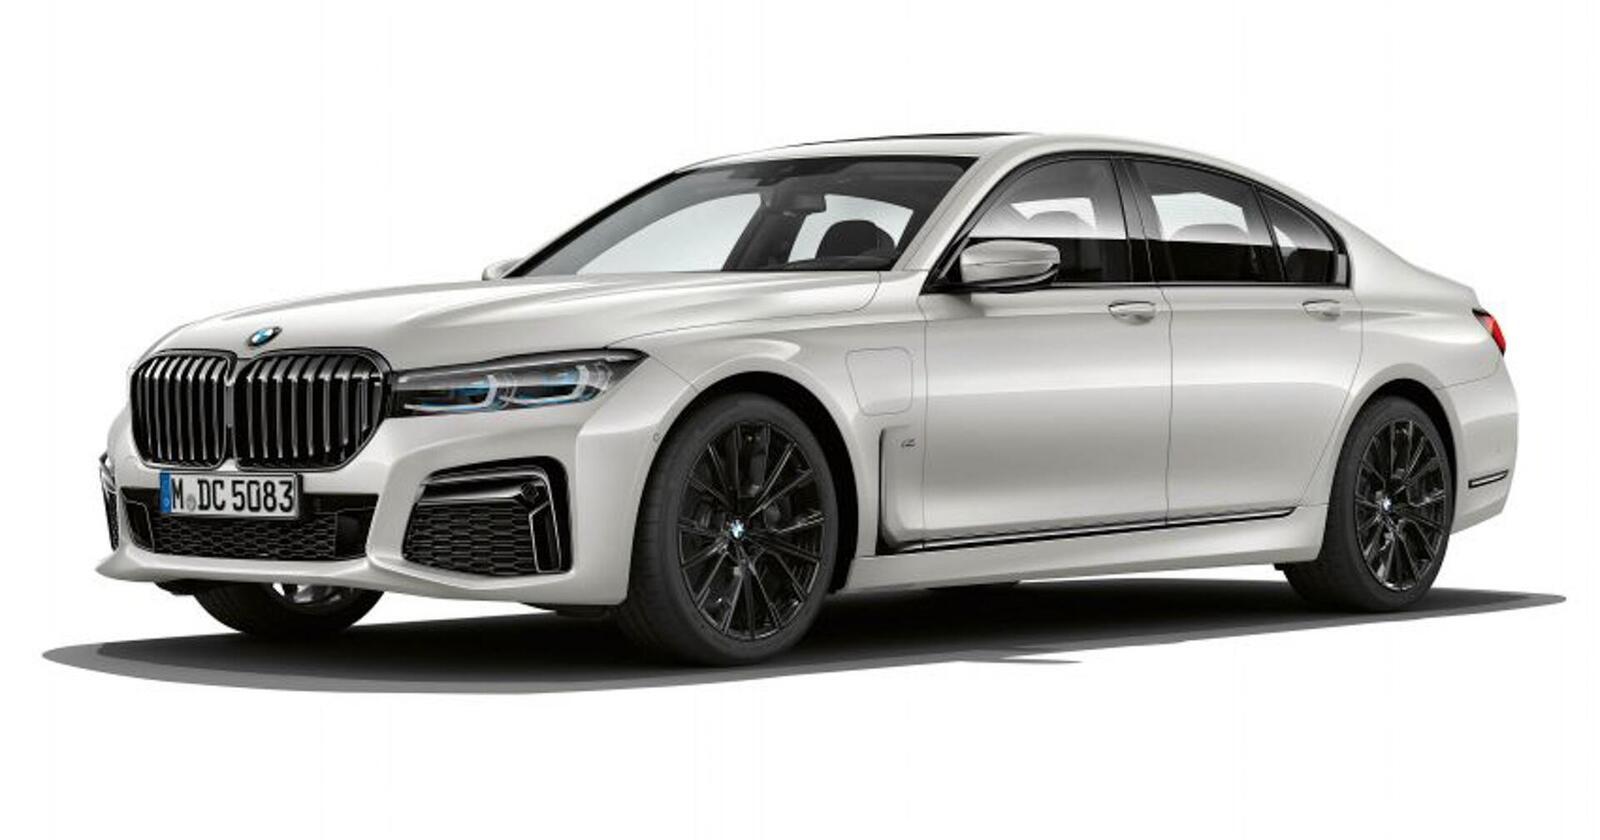 BMW giới thiệu 7 Series PHEV 2020 mới; lắp động cơ 3.0L mới thay chế cho 2.0L cũ - Hình 7